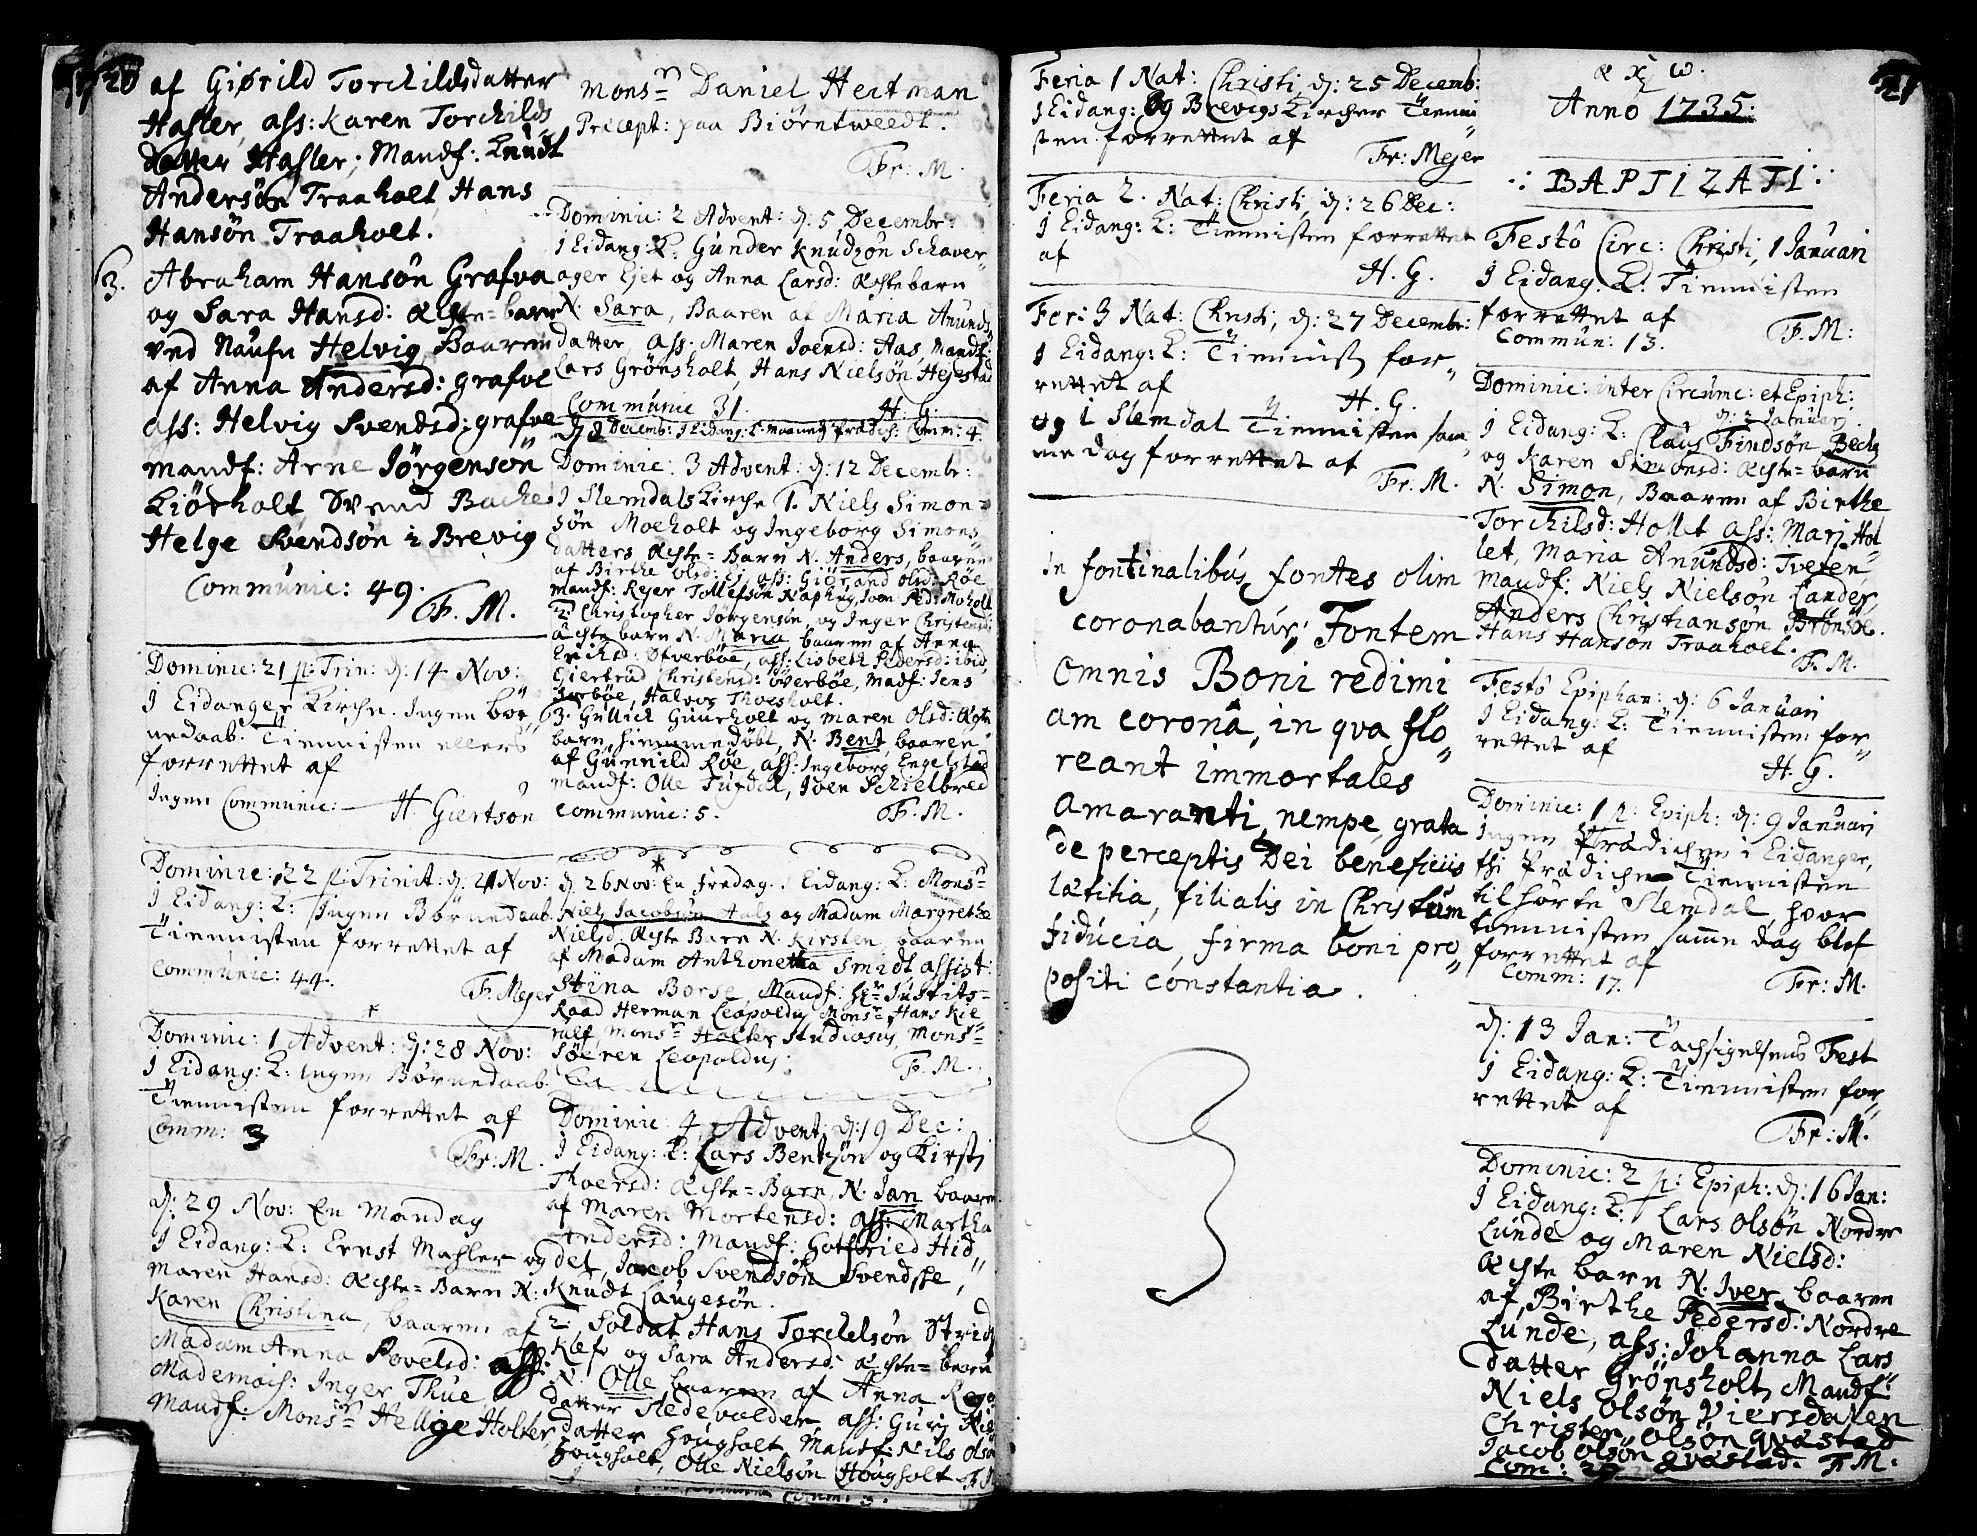 SAKO, Eidanger kirkebøker, F/Fa/L0004: Ministerialbok nr. 4, 1733-1759, s. 20-21